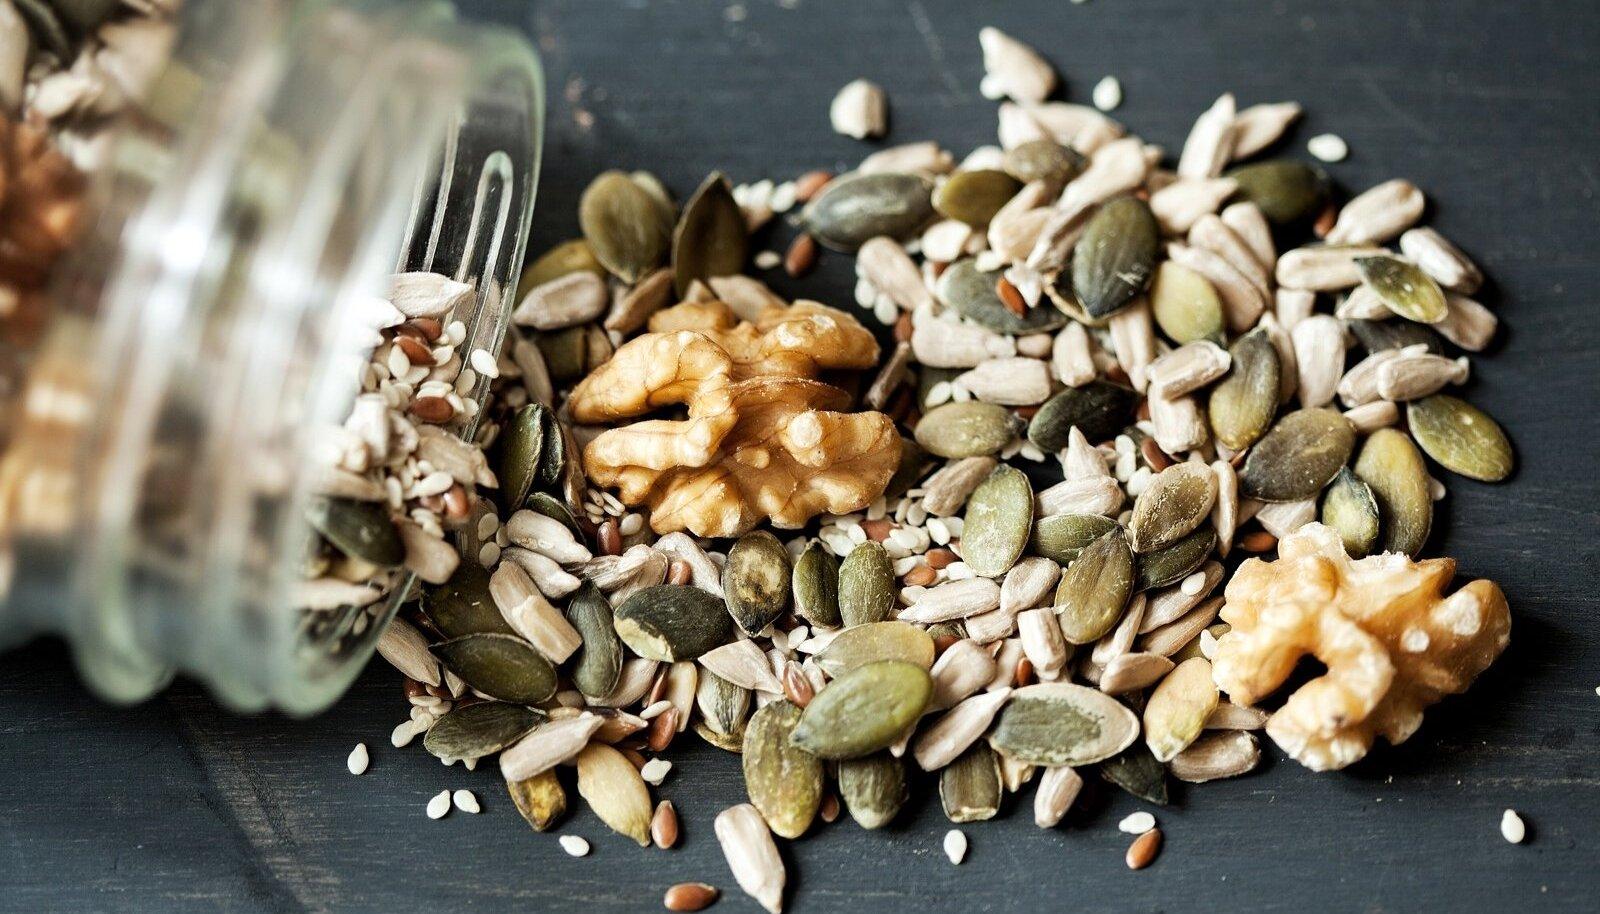 Pähklid ja seemned mõjuvad seedimisele ergutavalt, puhastavad soolestikku ning laevad keha pikaks ajaks energiaga.